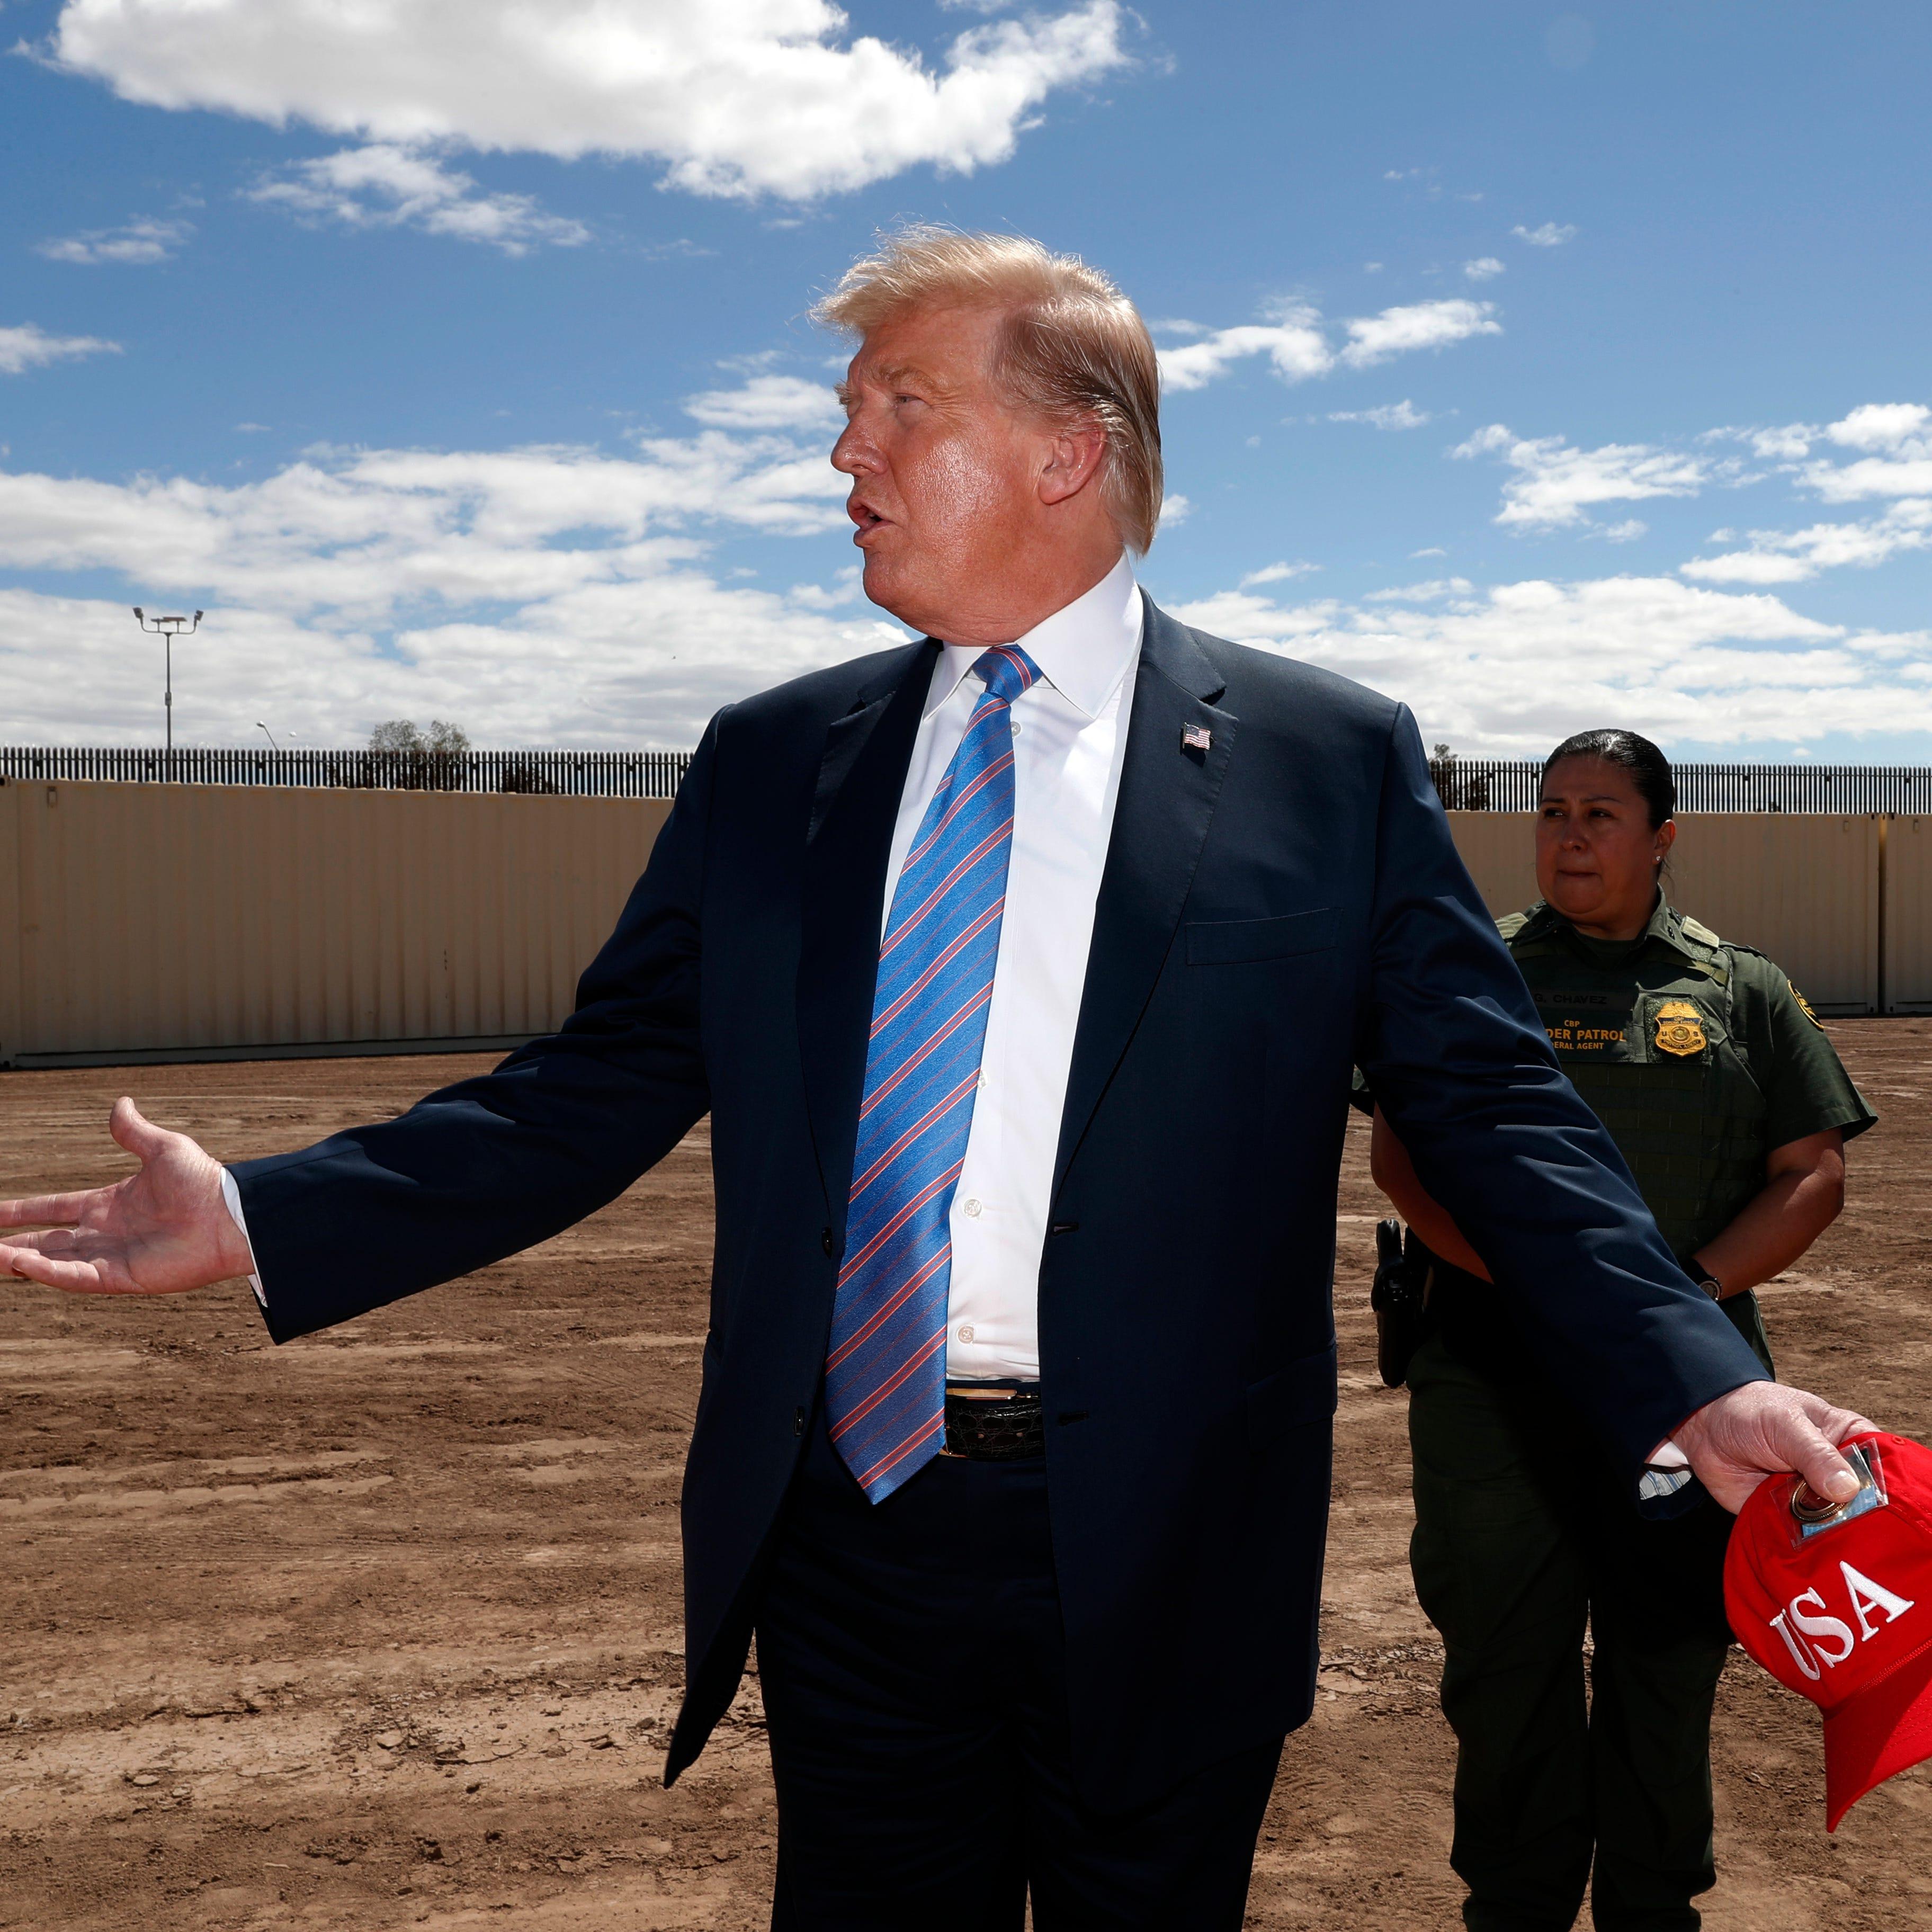 Análisis: ¿Qué tan avanzado va el muro fronterizo de Trump?